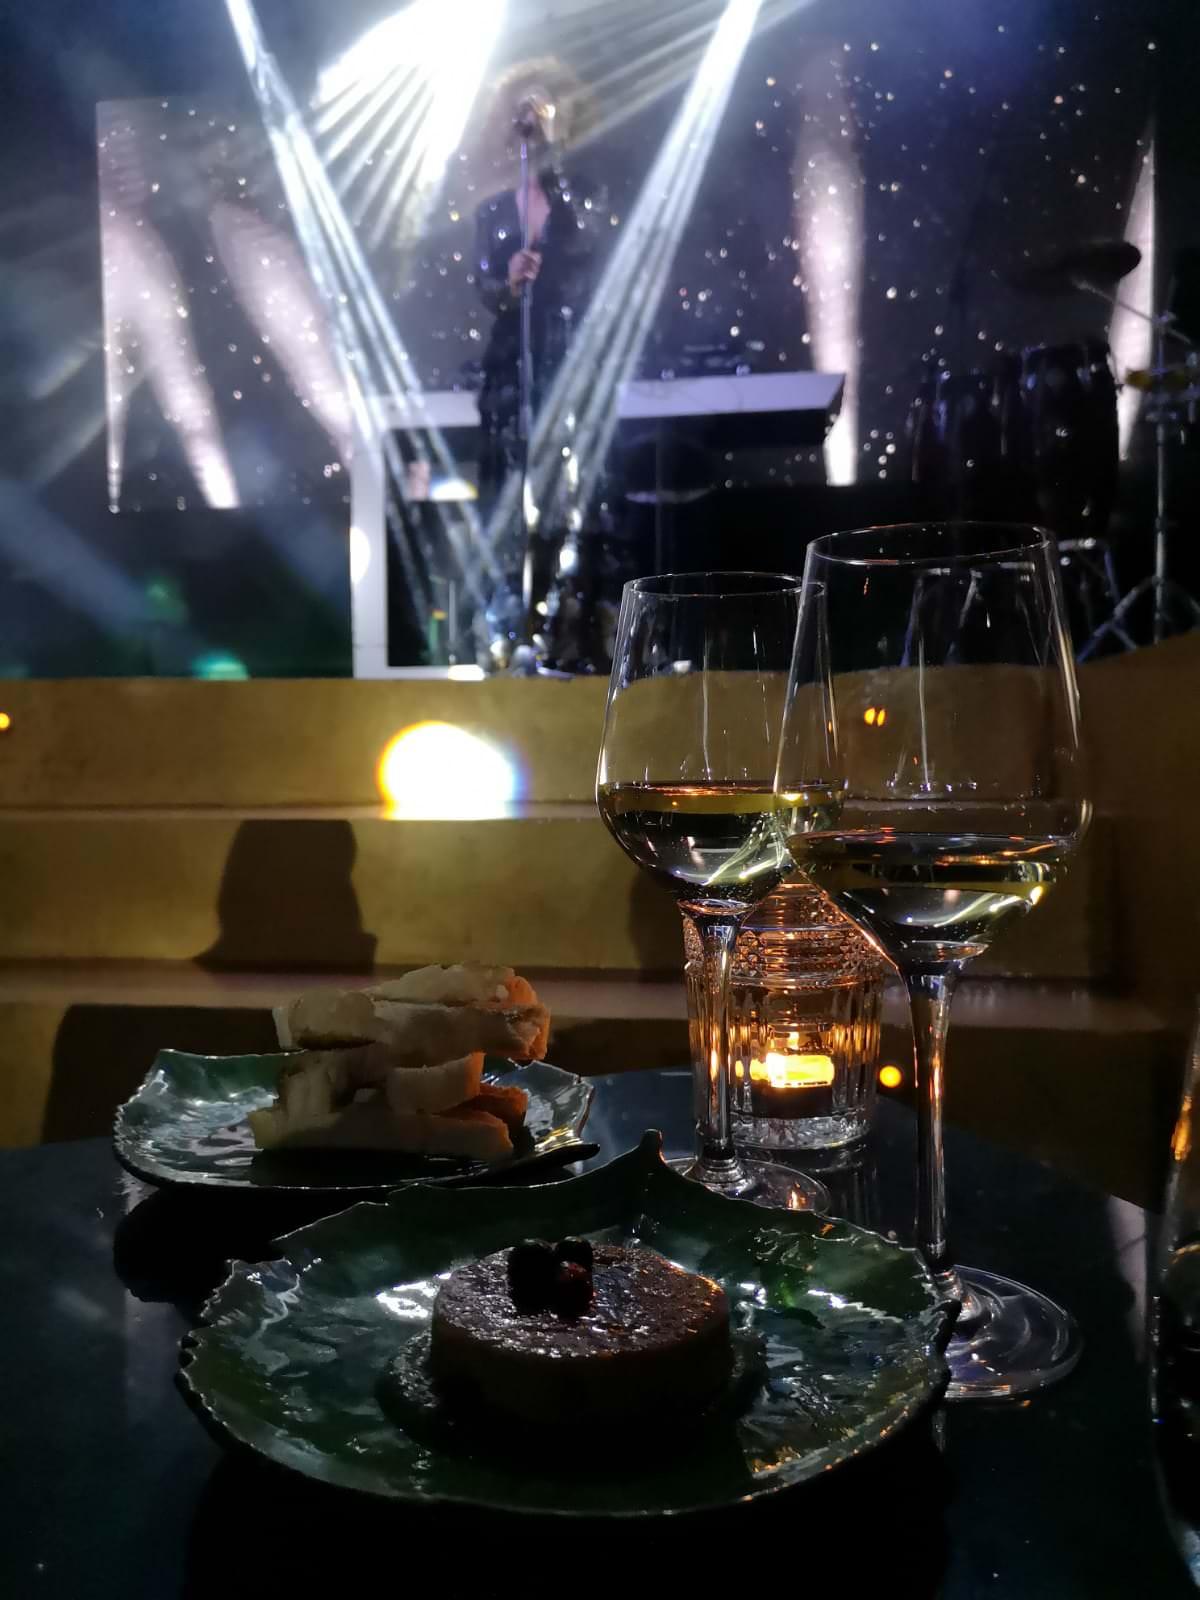 cena con música en directo en el centro de madrid